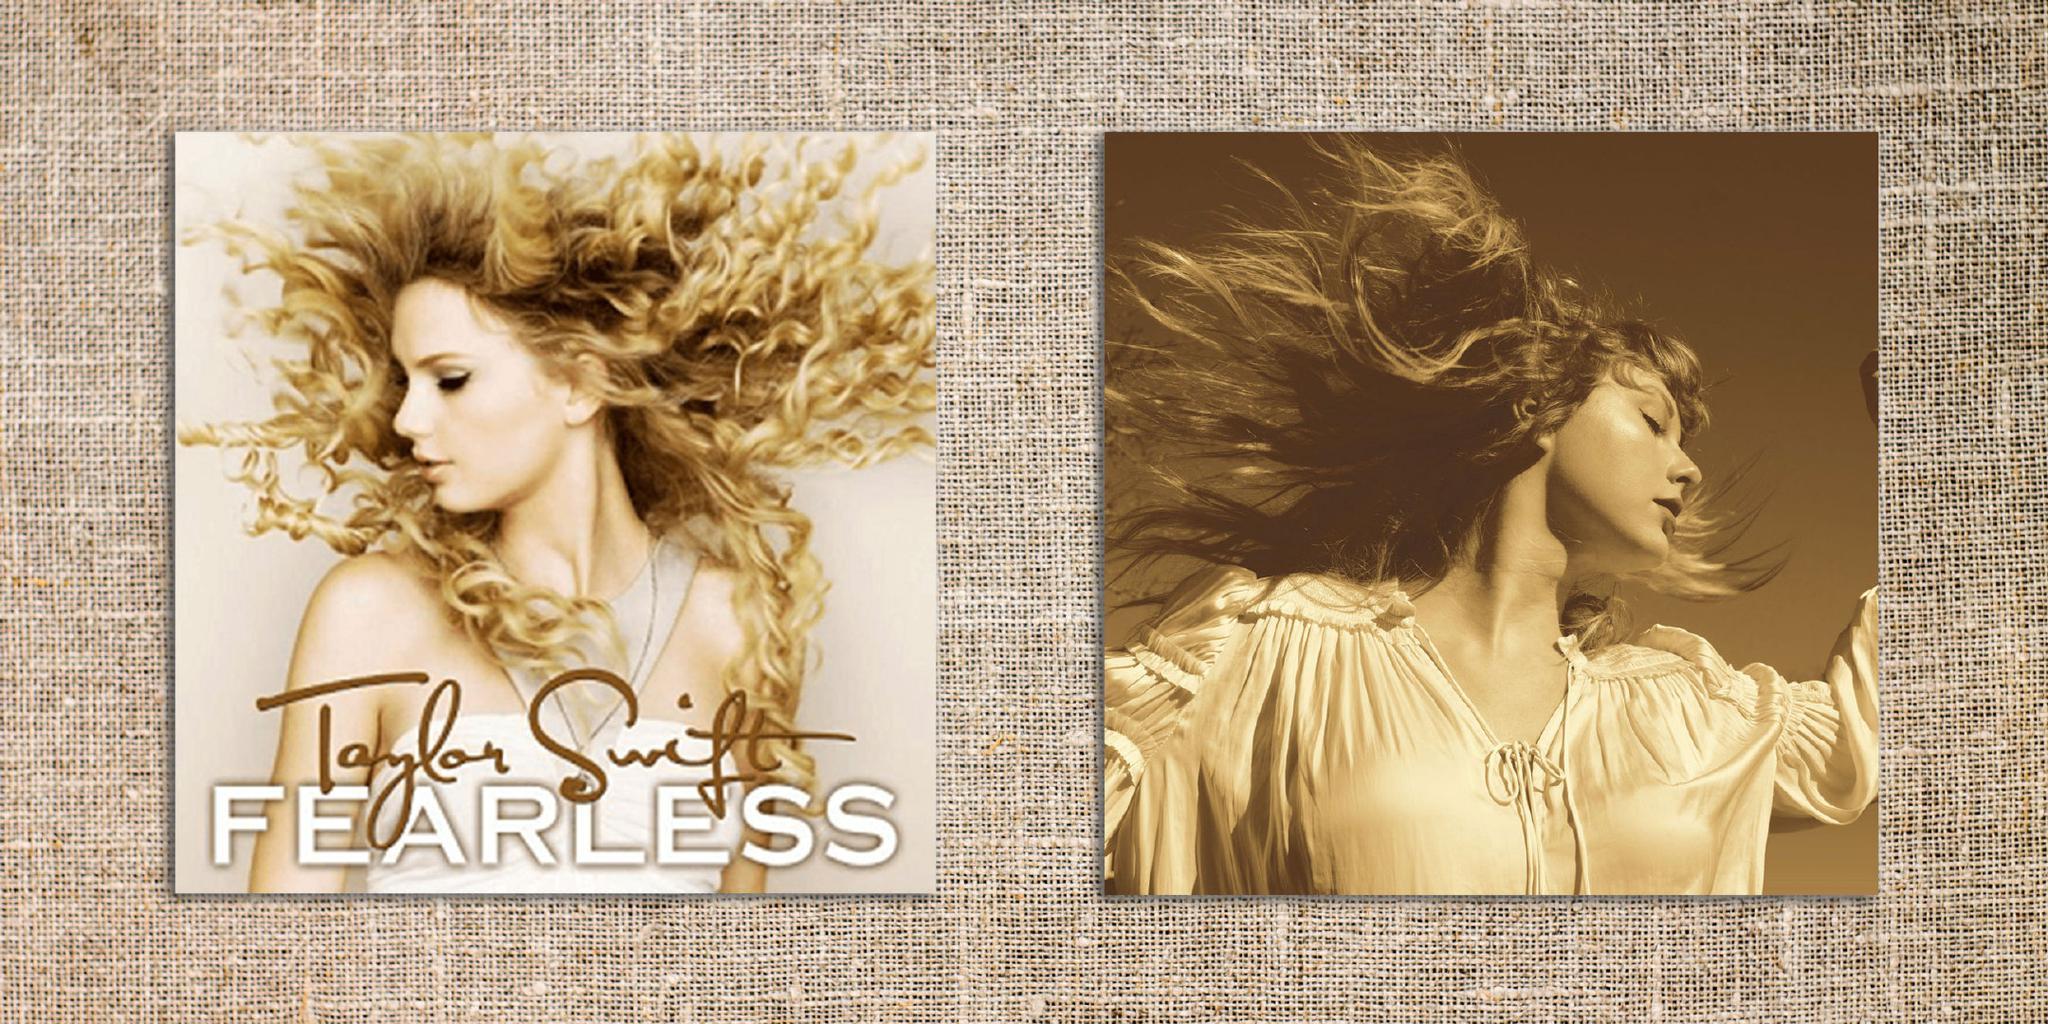 泰勒·斯威夫特《无畏》(Fearless) 重录版在华再获成功